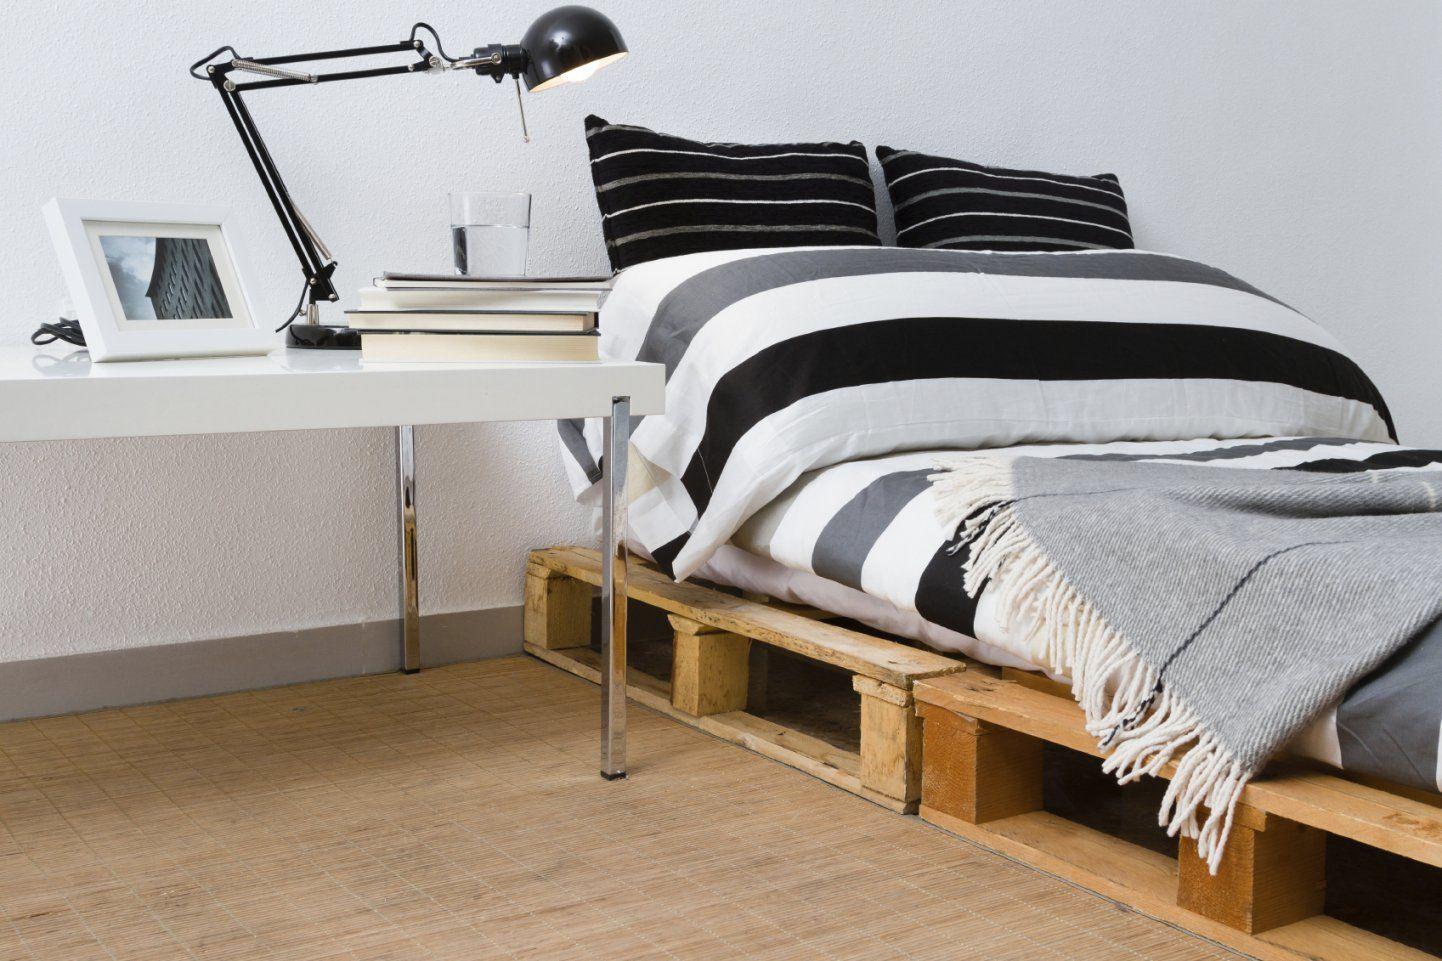 Außergewöhnliche Betten Selber Bauen  Recybuche von Außergewöhnliche Betten Selber Bauen Bild